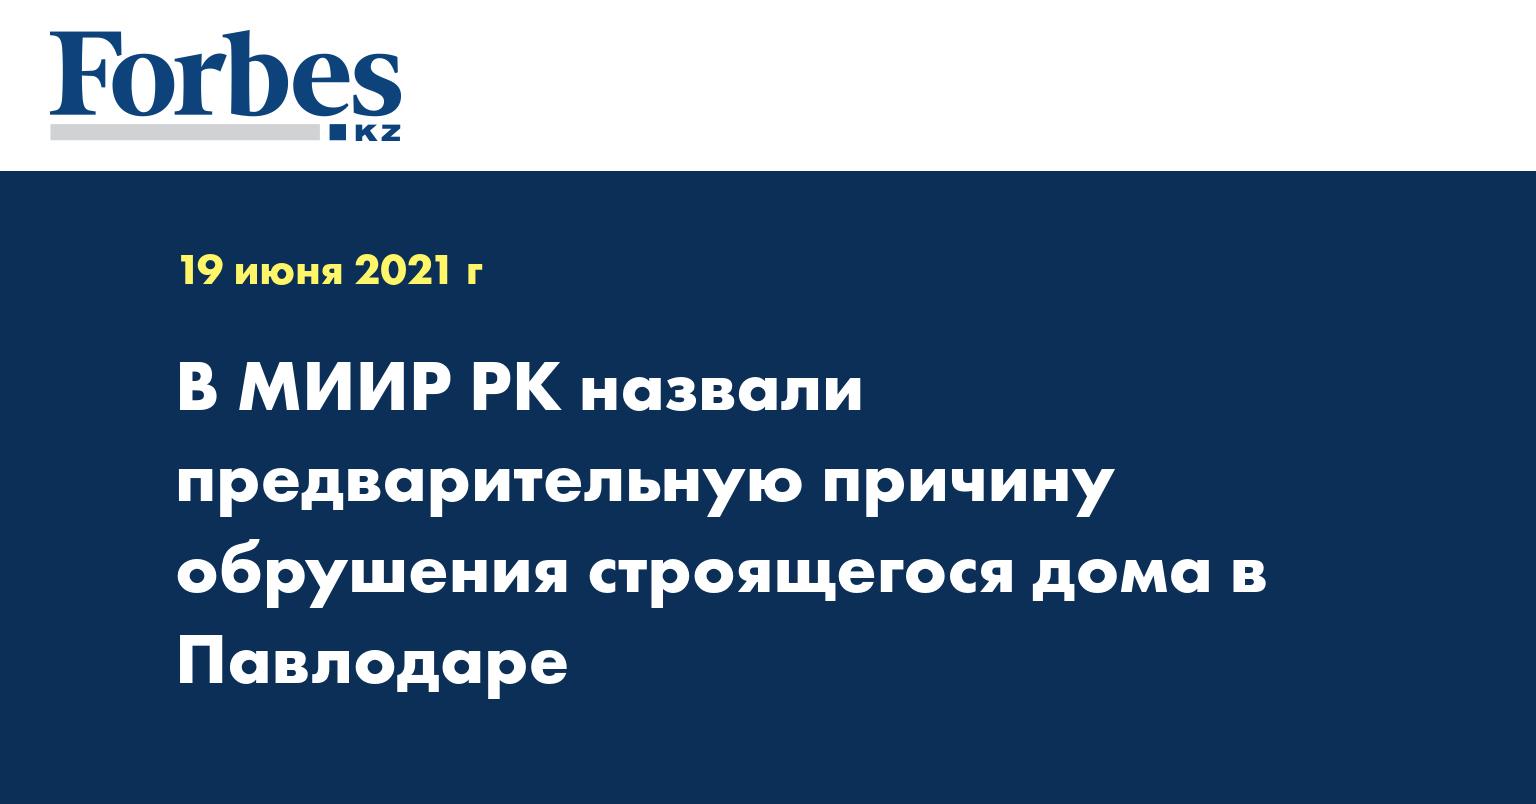 В МИИР РК назвали предварительную причину обрушения строящегося дома в Павлодаре